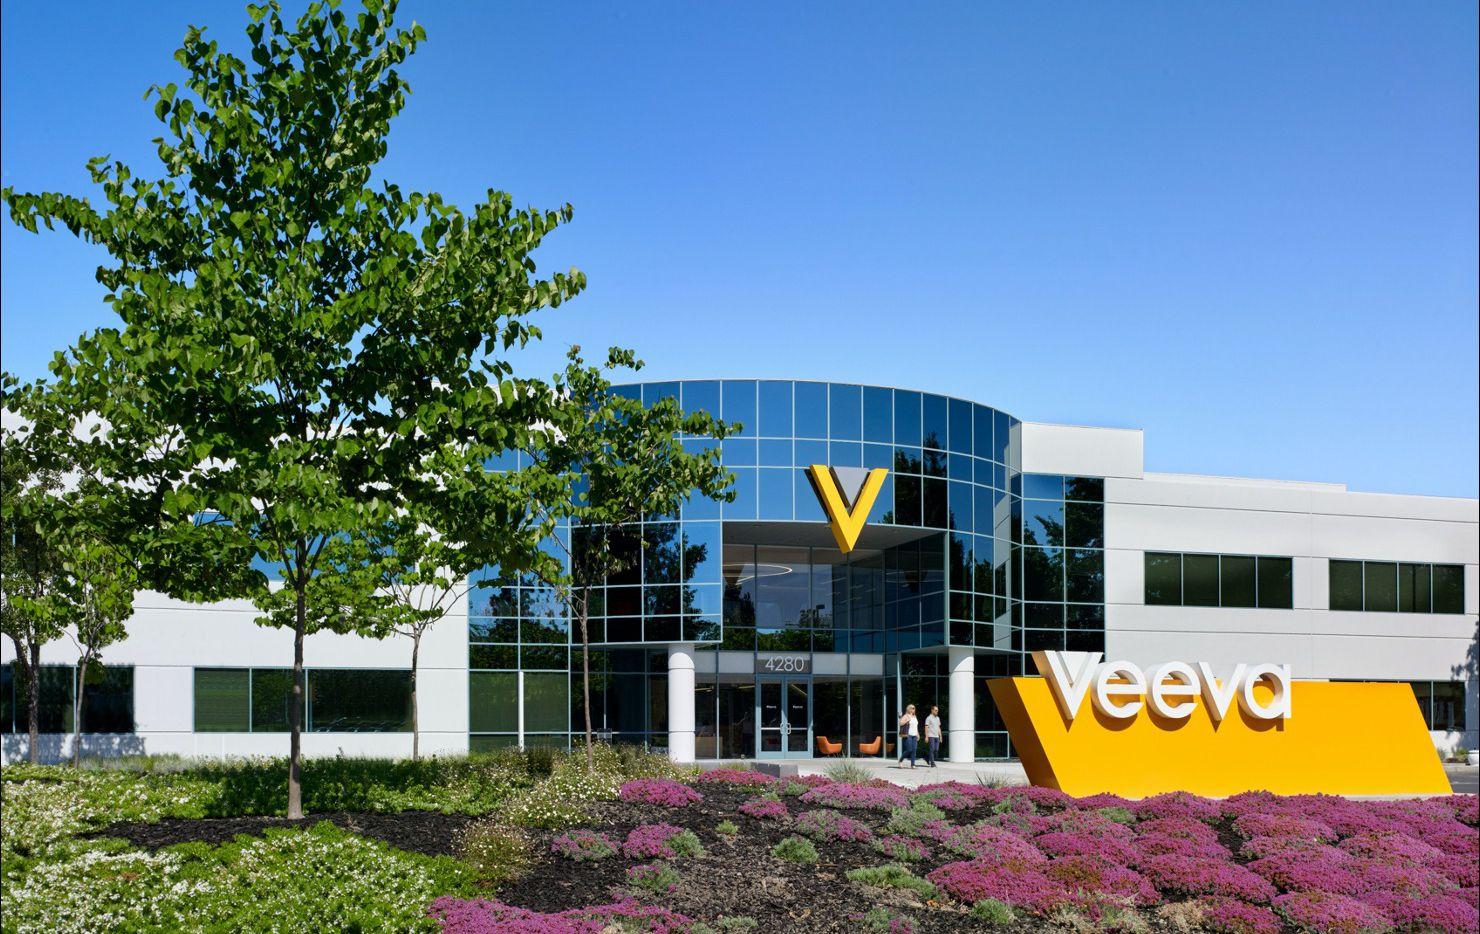 Veeva Systems Inc.'s headquarters are in Pleasanton, Calif.